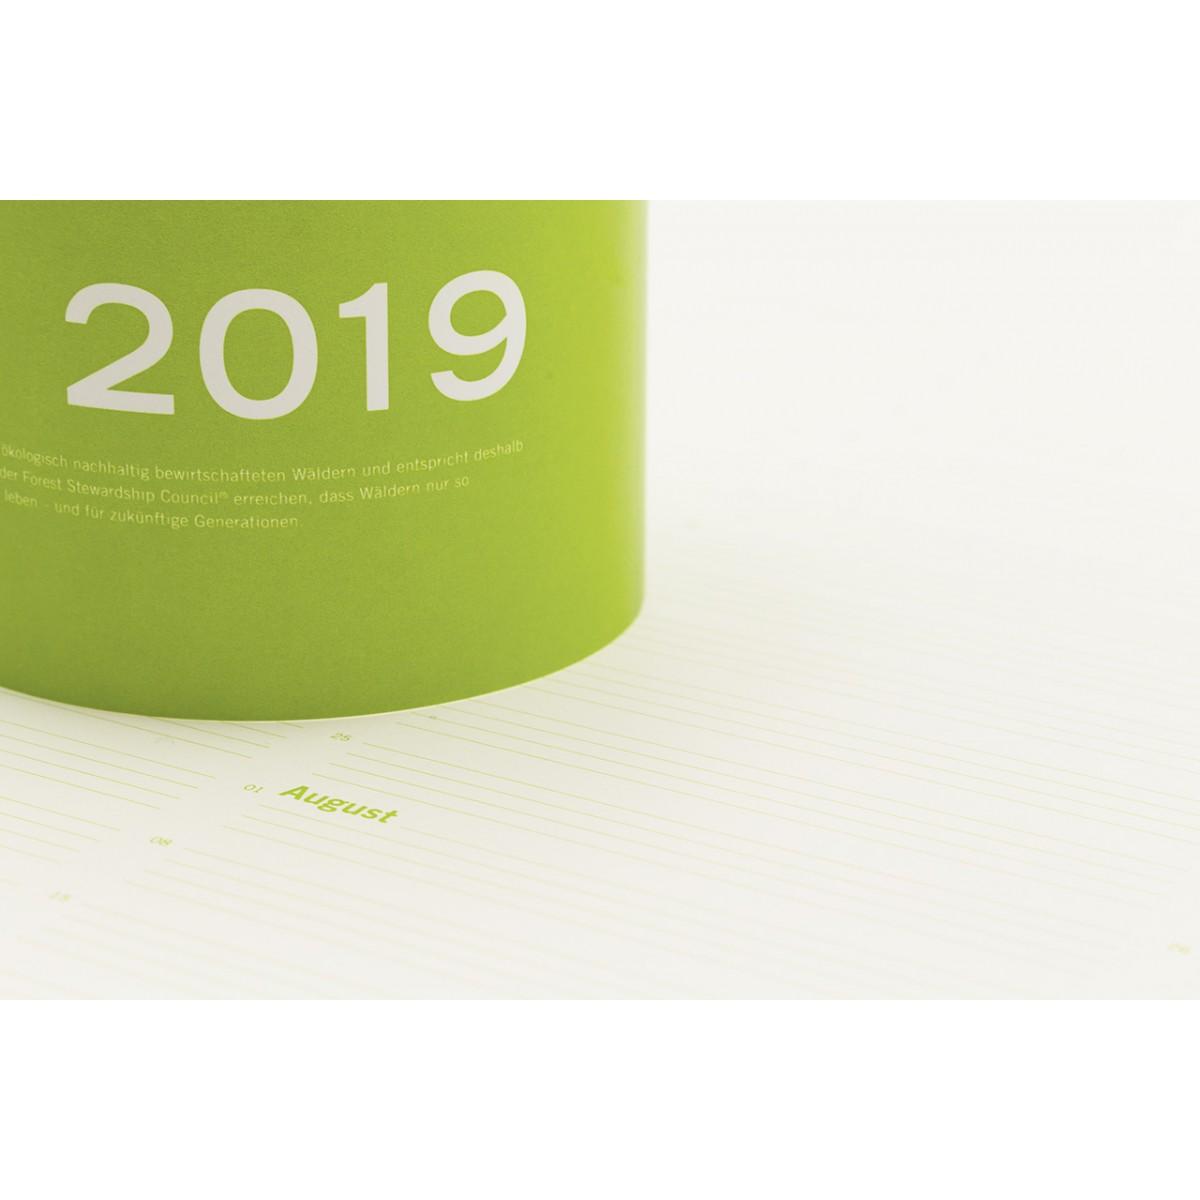 Open Diary 2019 The art of living – Kalender-Plakat von Michael Volkmer